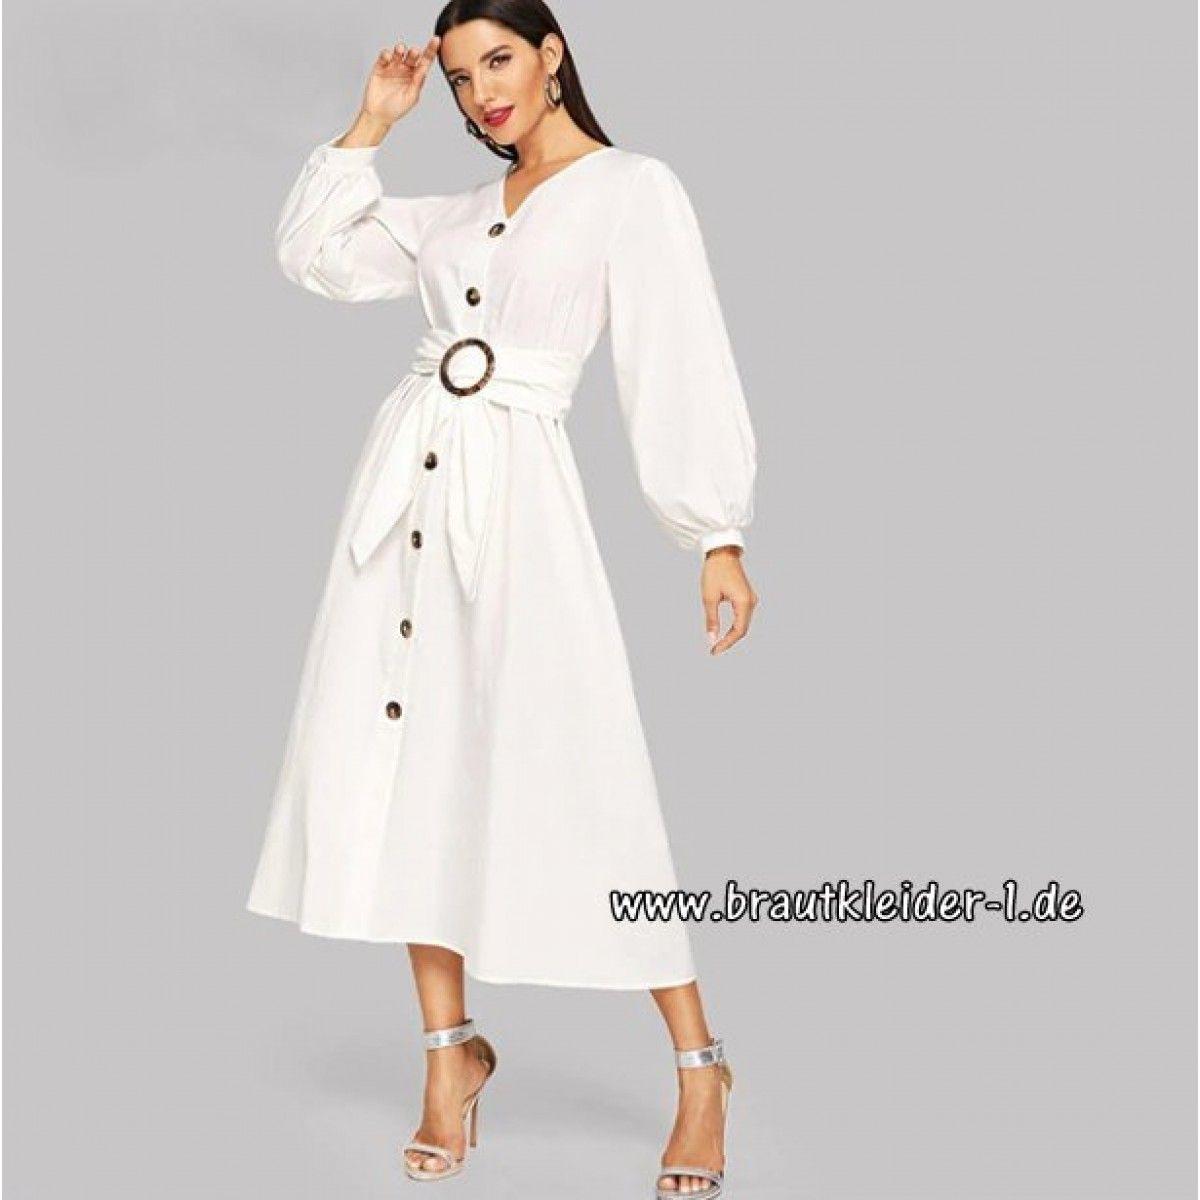 Designer Großartig Kleid Wadenlang Design Top Kleid Wadenlang Spezialgebiet